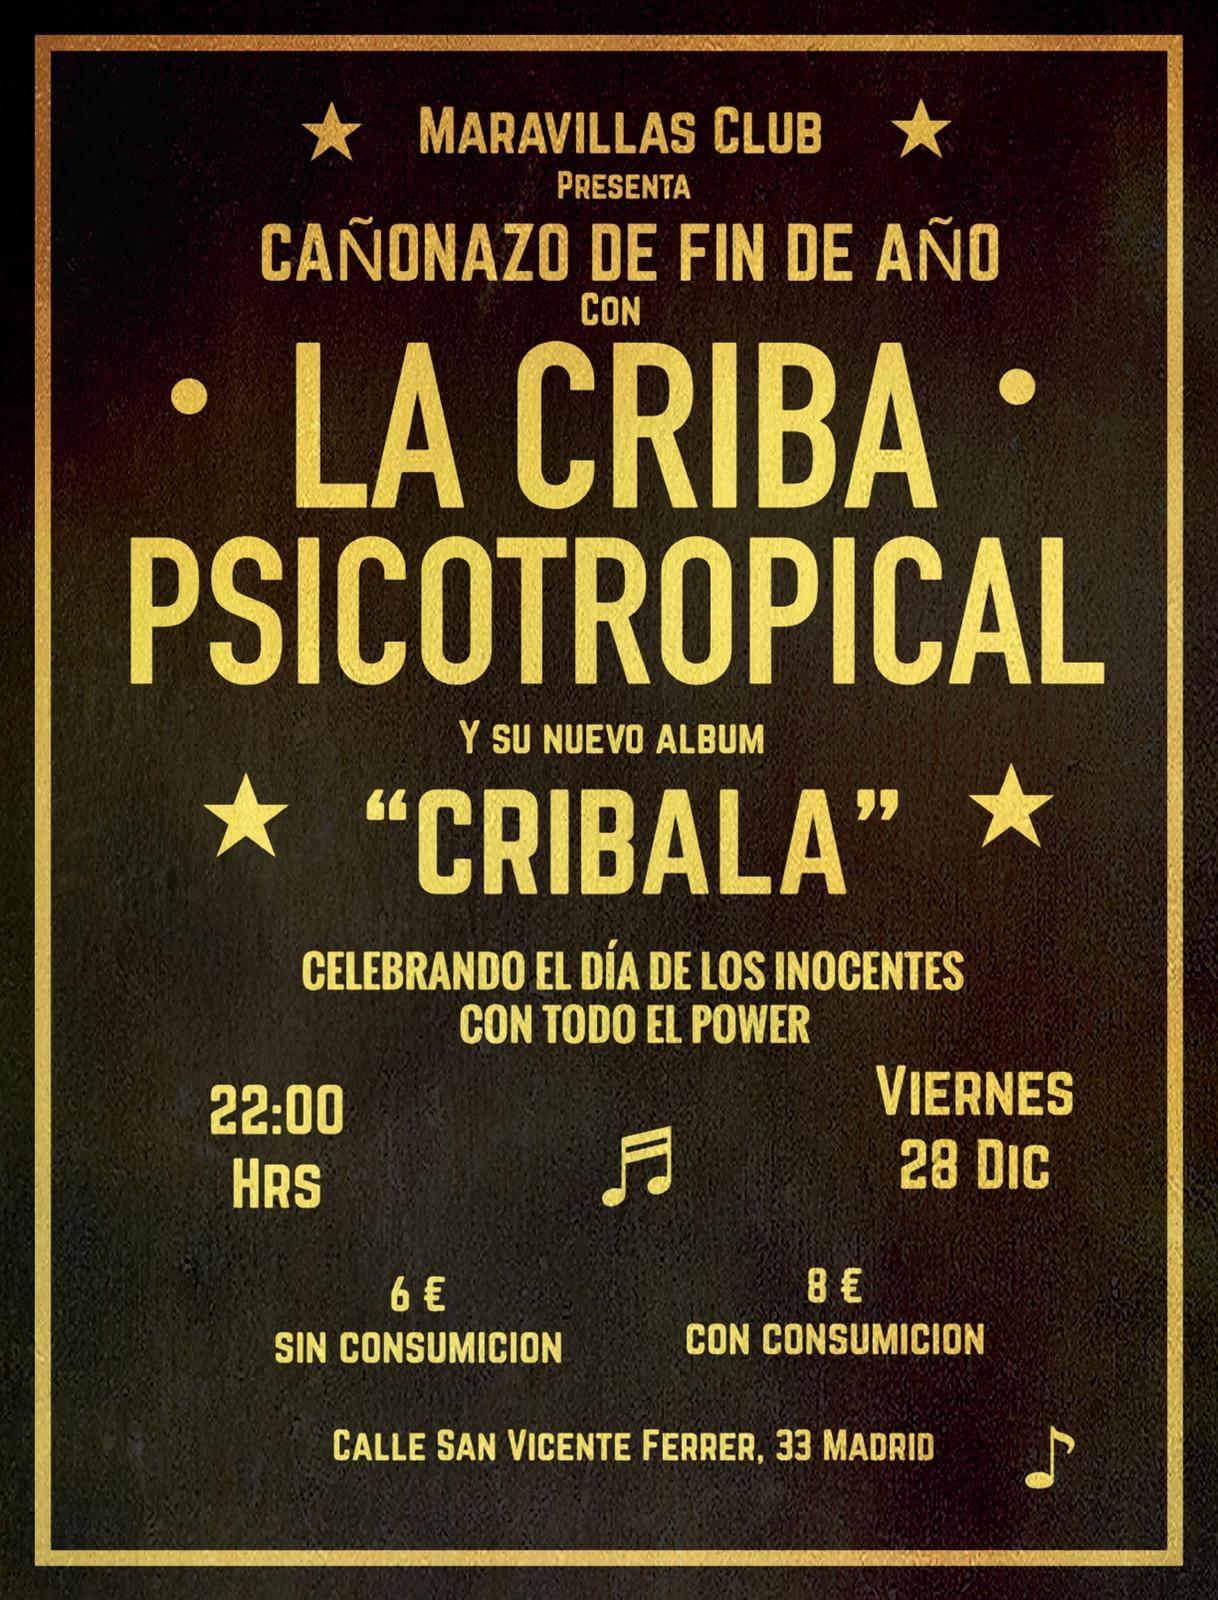 La Criba Psicotropical es una fusión de raíces afrolatinas, rock, funk, ritmos latinos como salsa, cumbia